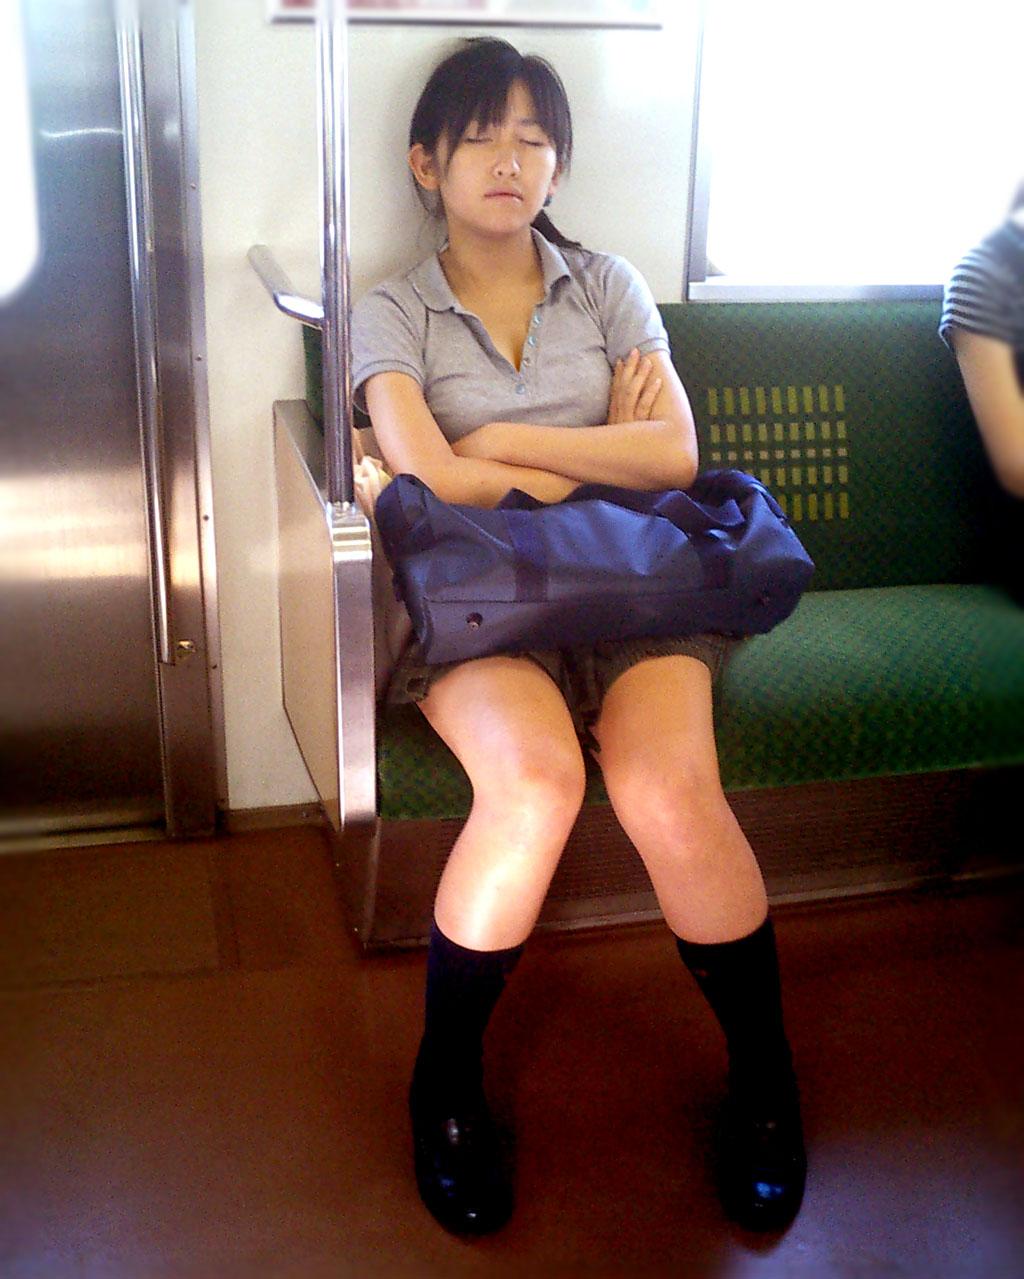 ドスケベボディのJKさん、電車内で居眠りをしてしまうwwwwwwwwwwwwwww WcfUO9Q